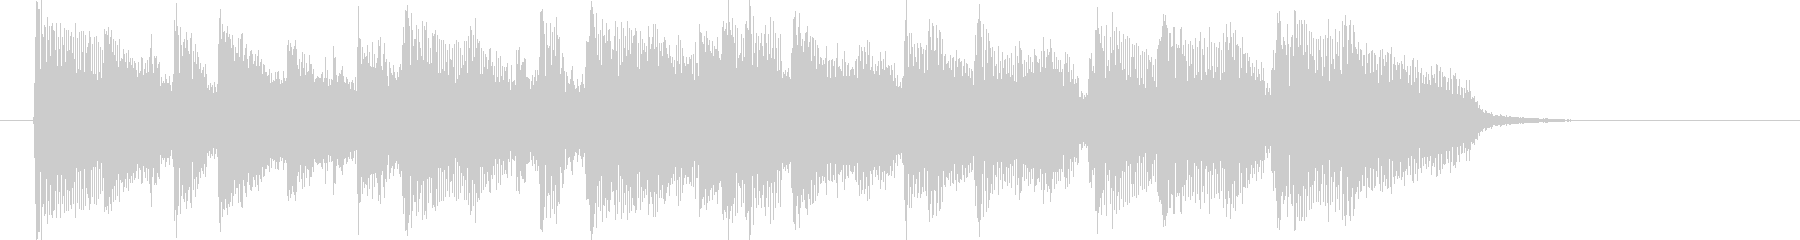 アコースティックバンドのポップなジングルの未再生の波形